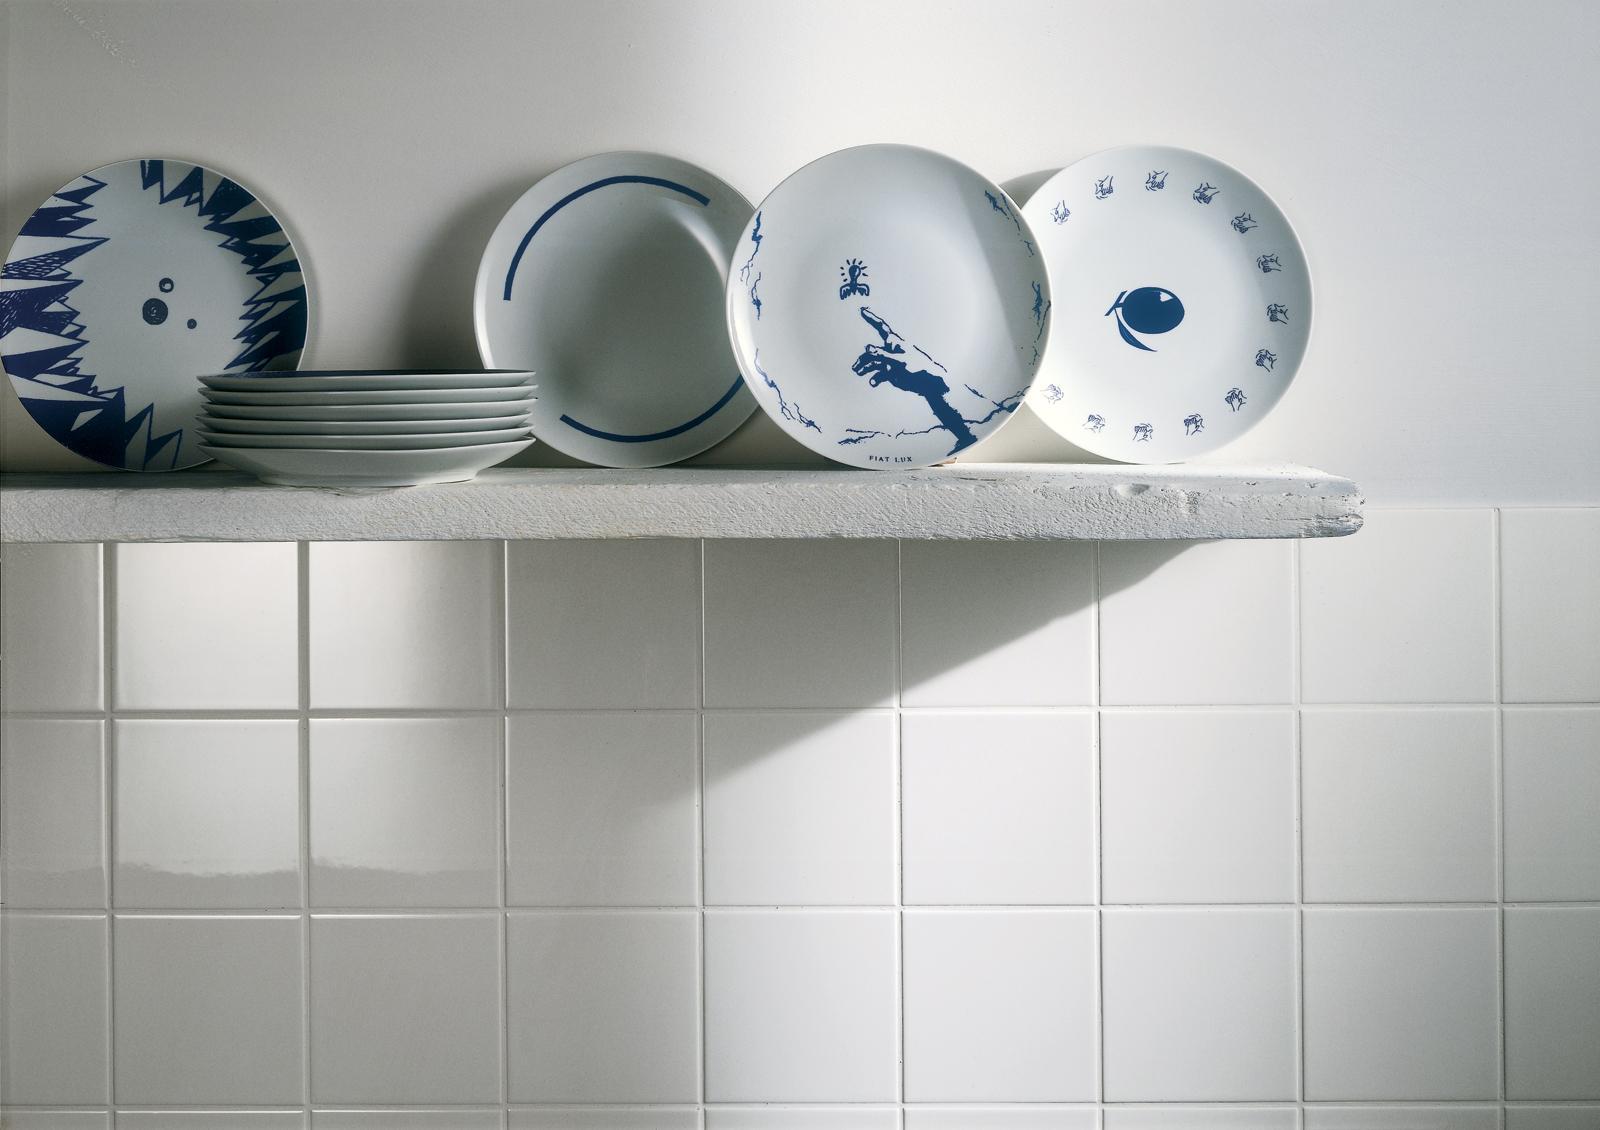 Bianchi piastrelle in ceramica per rivestimenti ragno